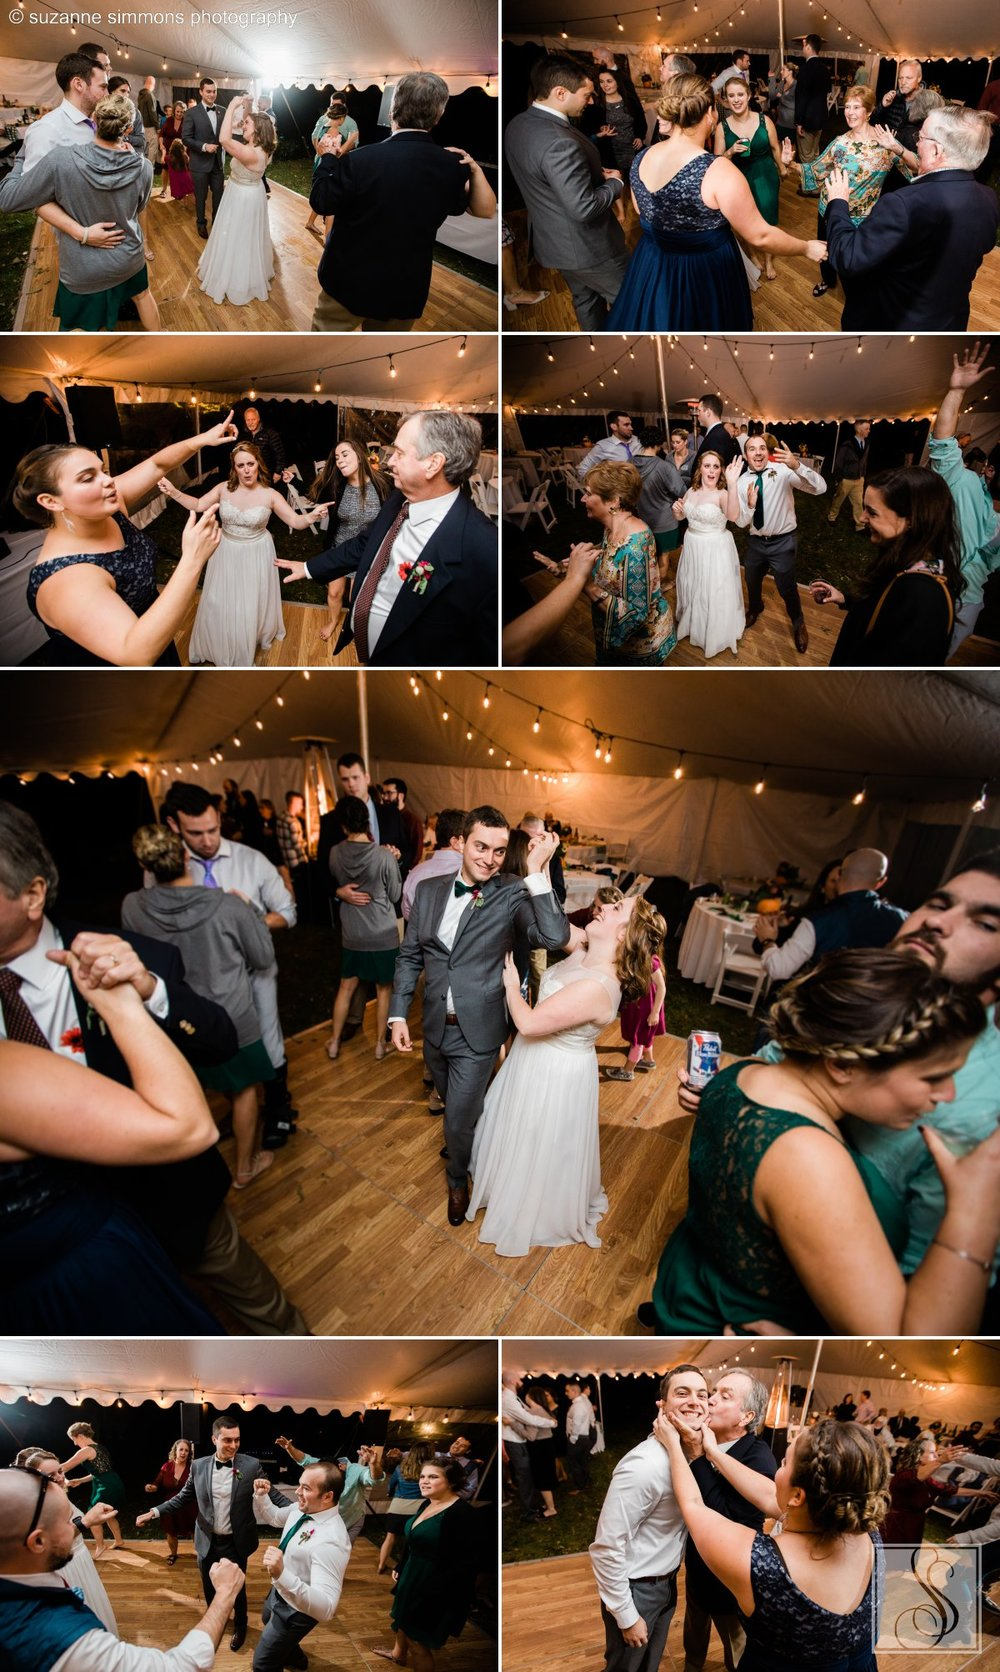 Maine wedding dance floor